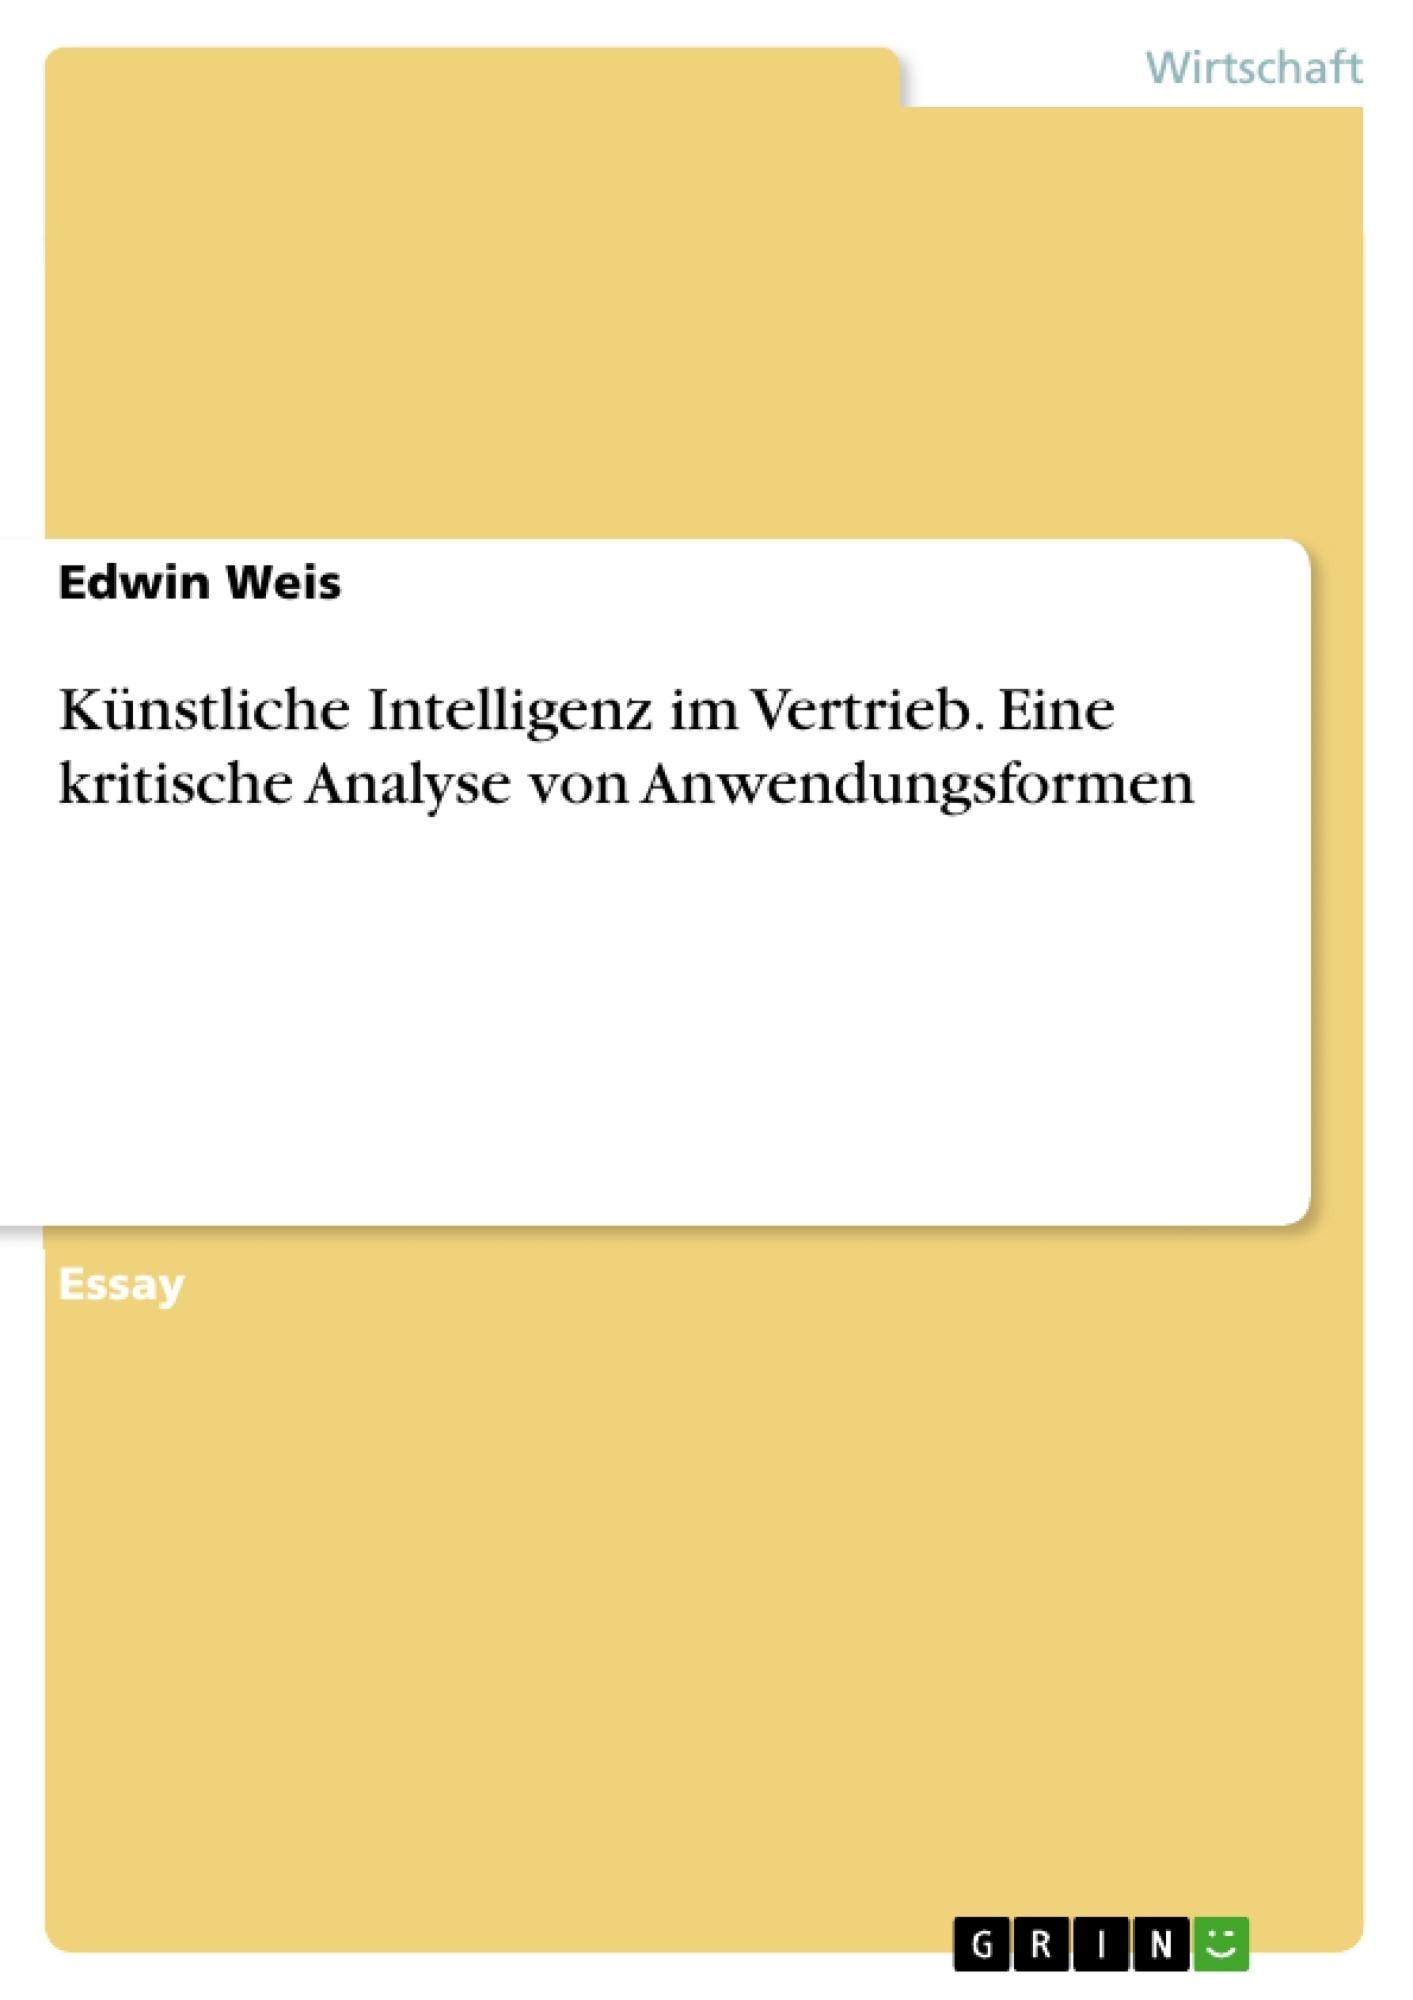 Titel: Künstliche Intelligenz im Vertrieb. Eine kritische Analyse von Anwendungsformen